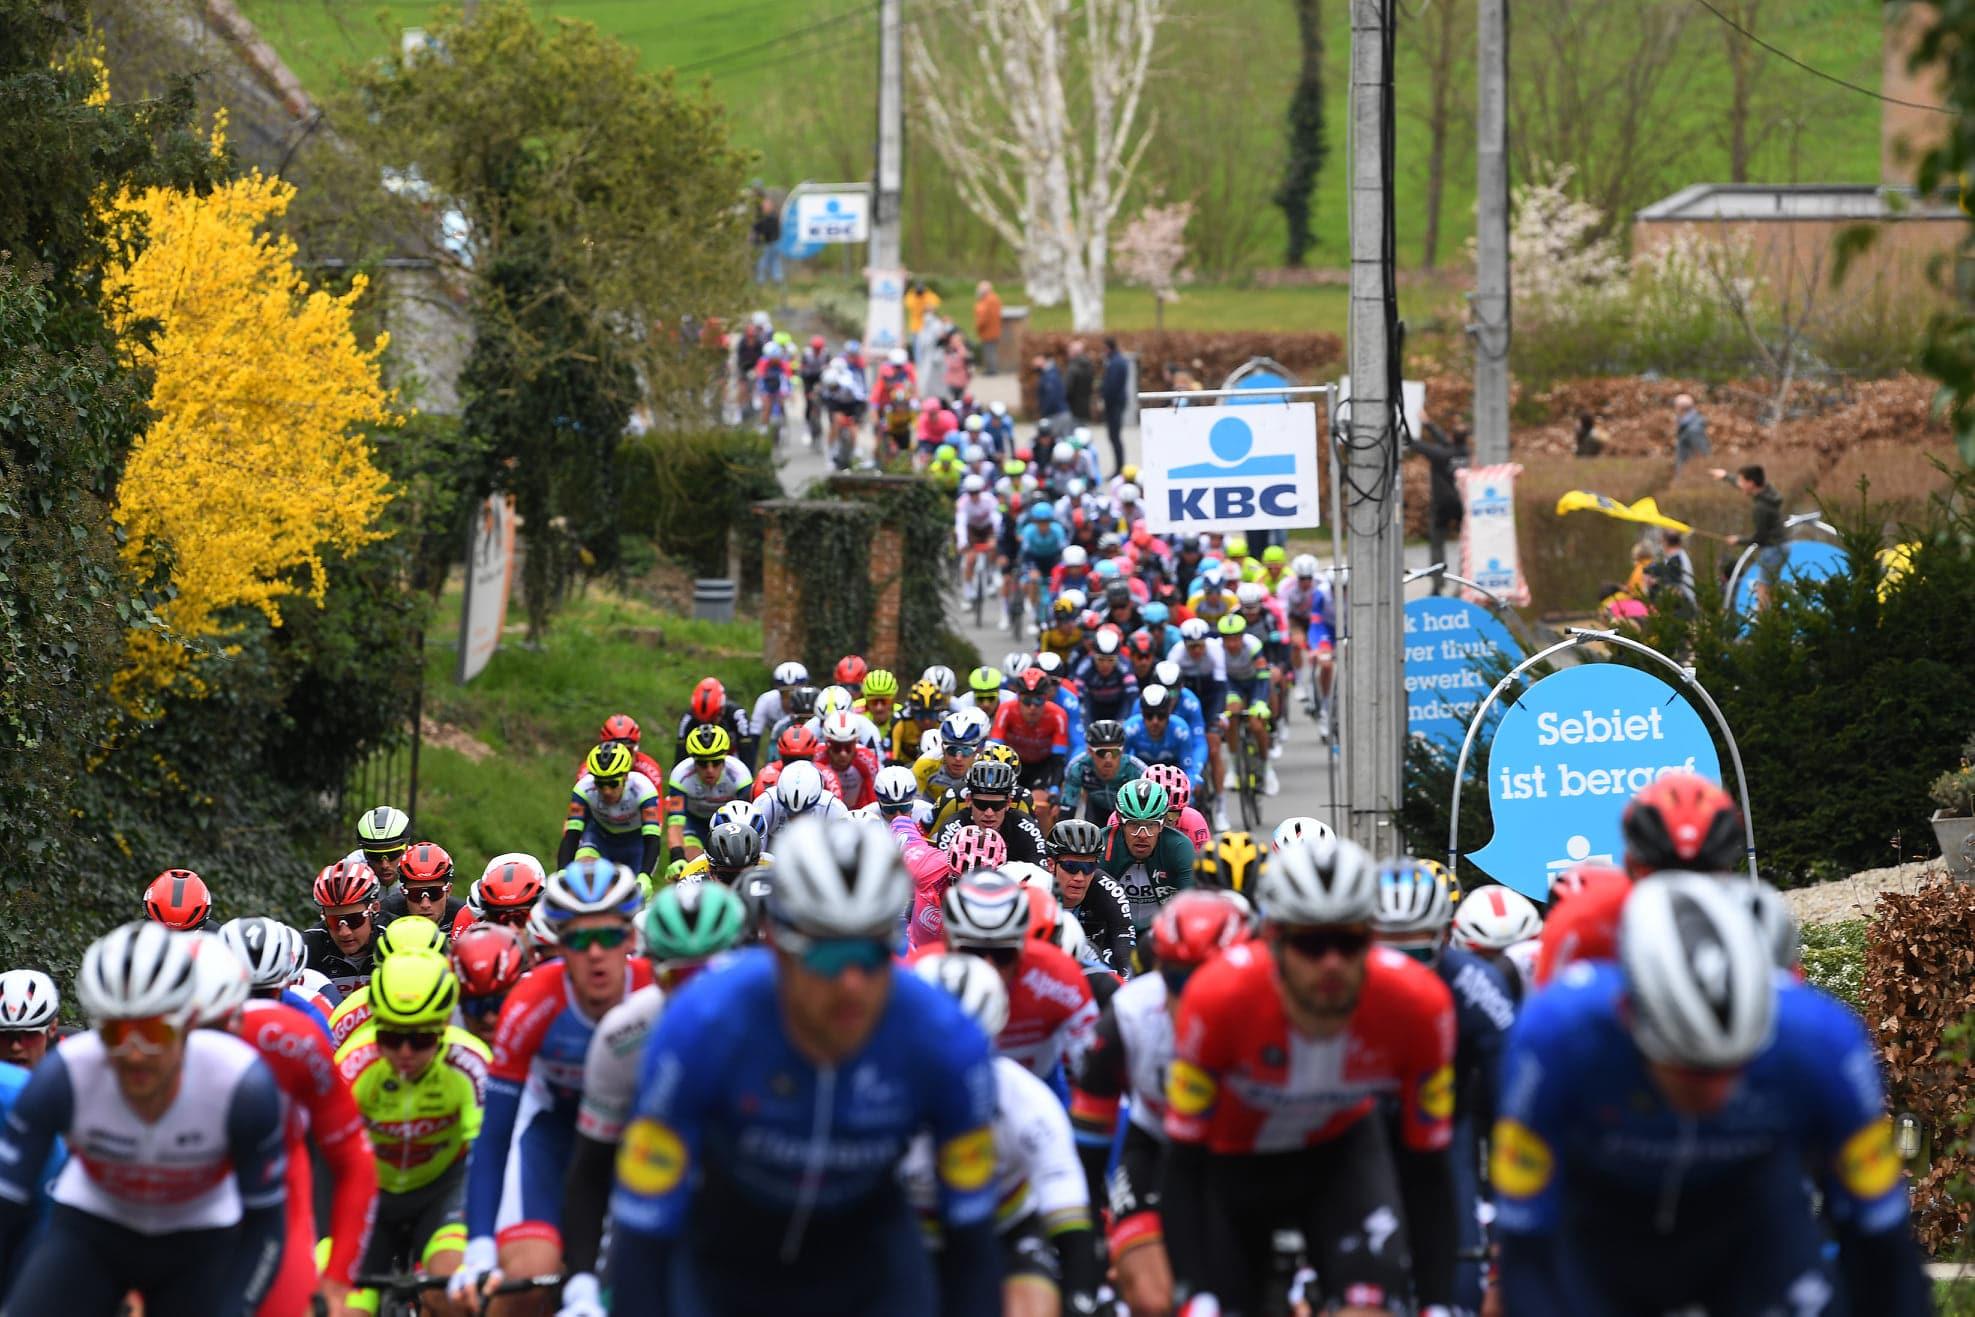 Calendrier Des Courses Cyclistes 2022 Calendrier World Tour 2022 : 3 repos sur le Tour, pas de Down Under ?